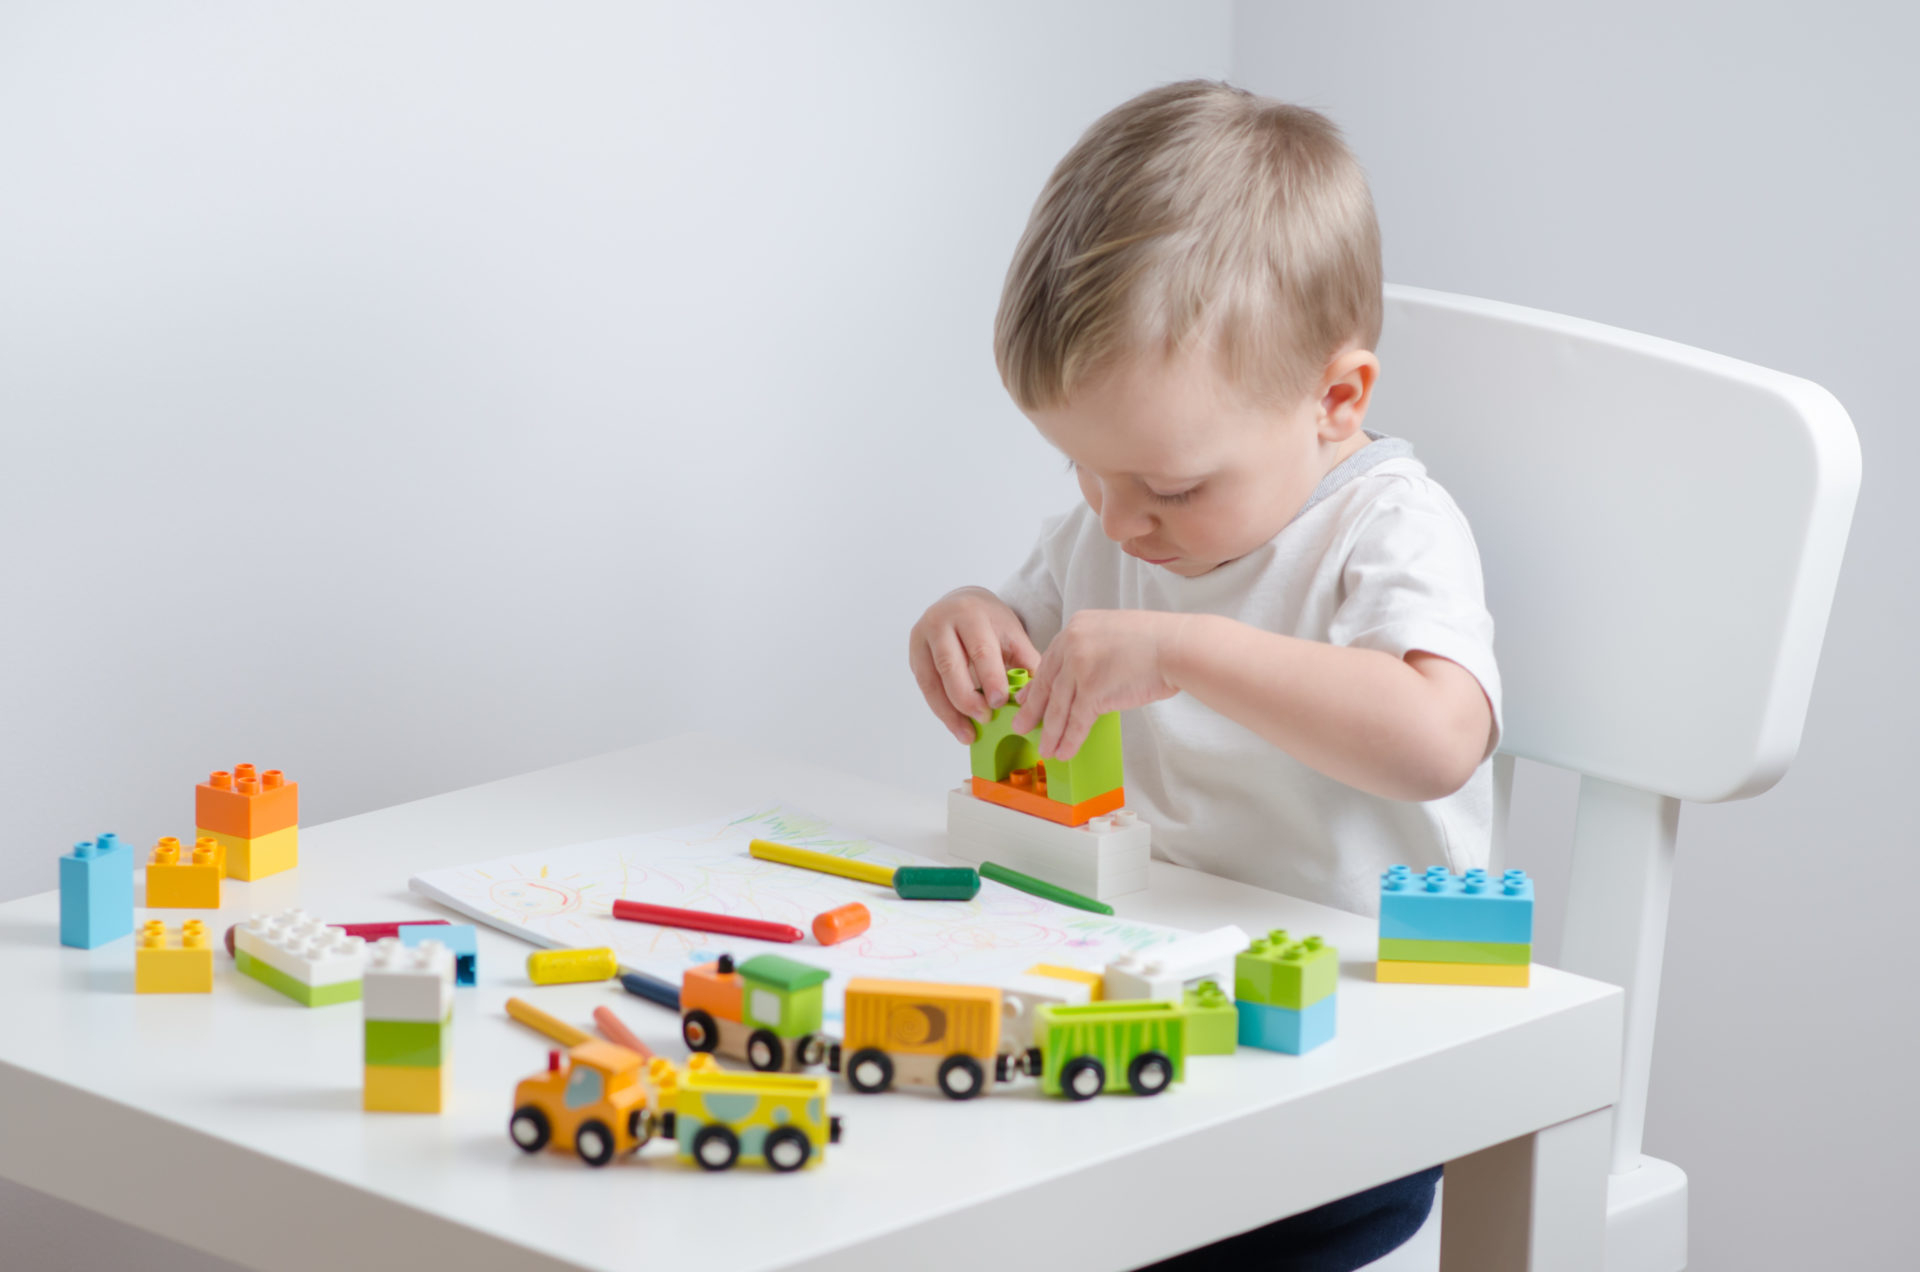 Motricité Jeux Et Jouets, Idées Cadeaux Pour Enfant De 12 avec Jouet Pour Enfant De 2 Ans